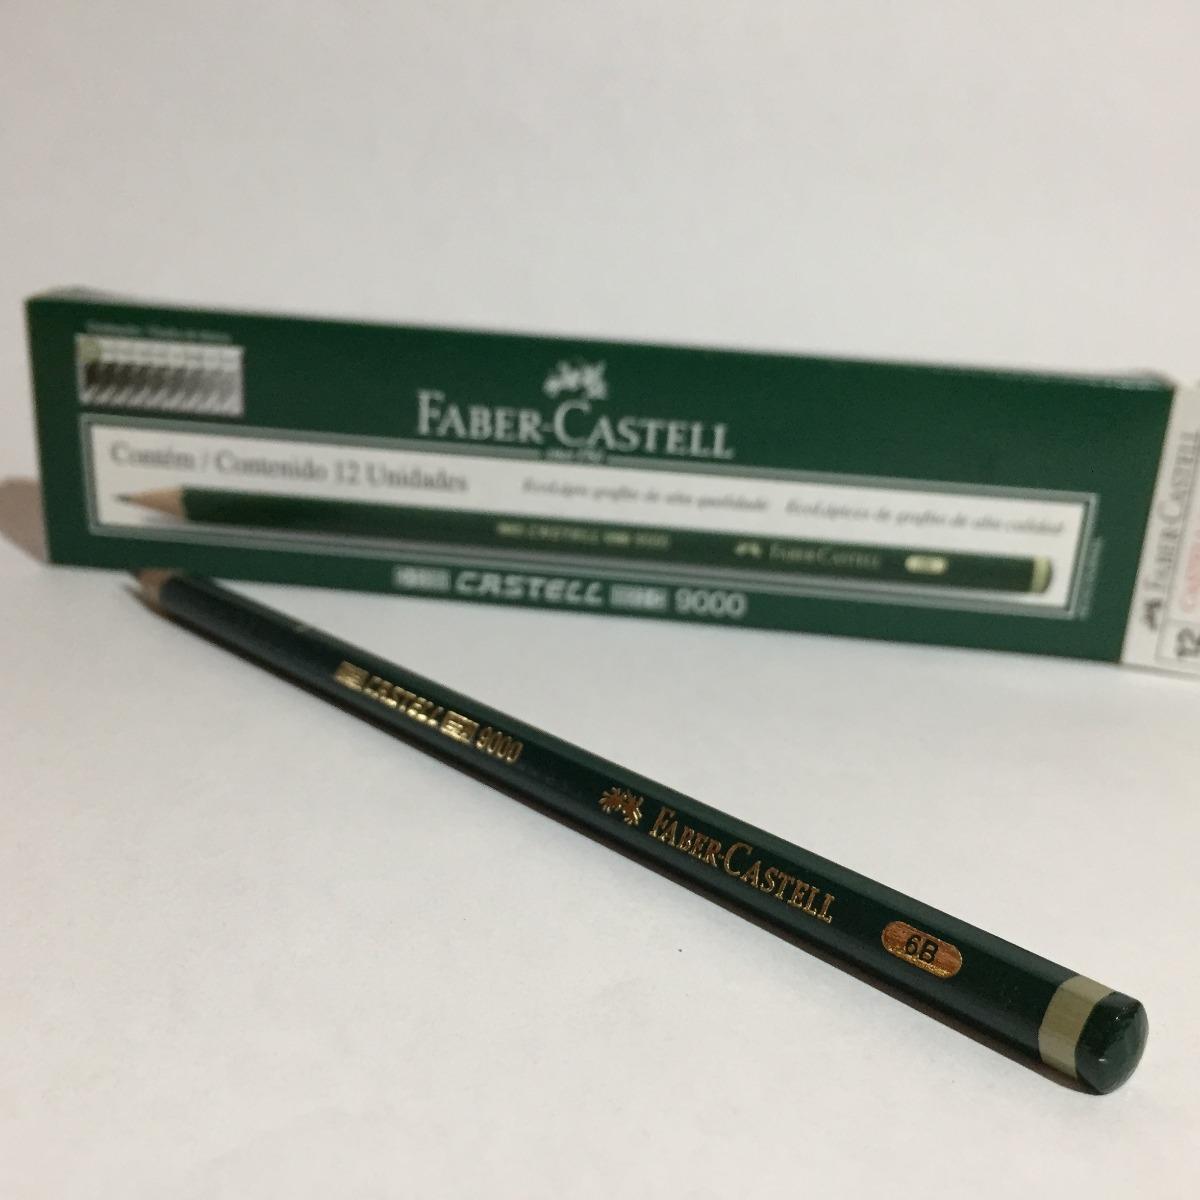 e73ddcf016 lápis grafite sextavado faber-castell 9000 6b - ref. 90006b. Carregando  zoom.